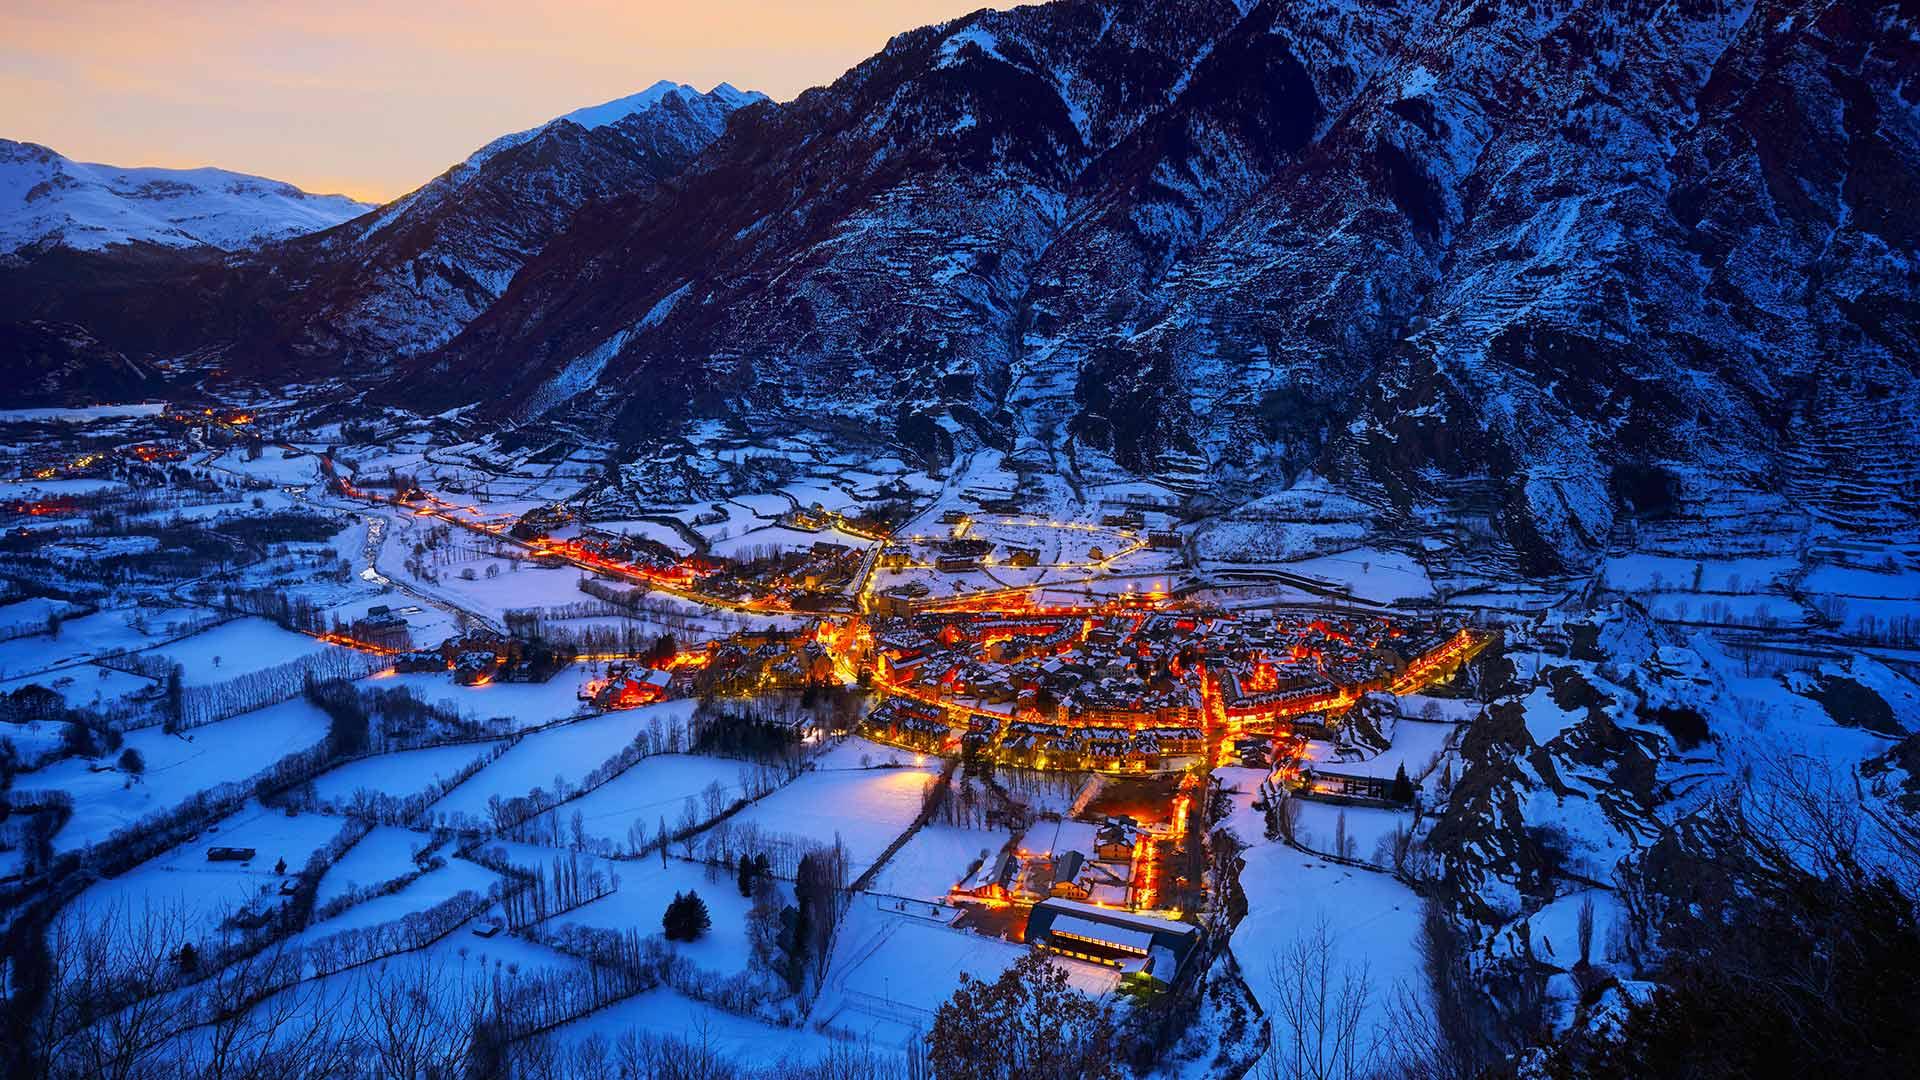 「冬のベナスケ」スペイン, アラゴン州 (© Miscelleneoustock/Alamy)